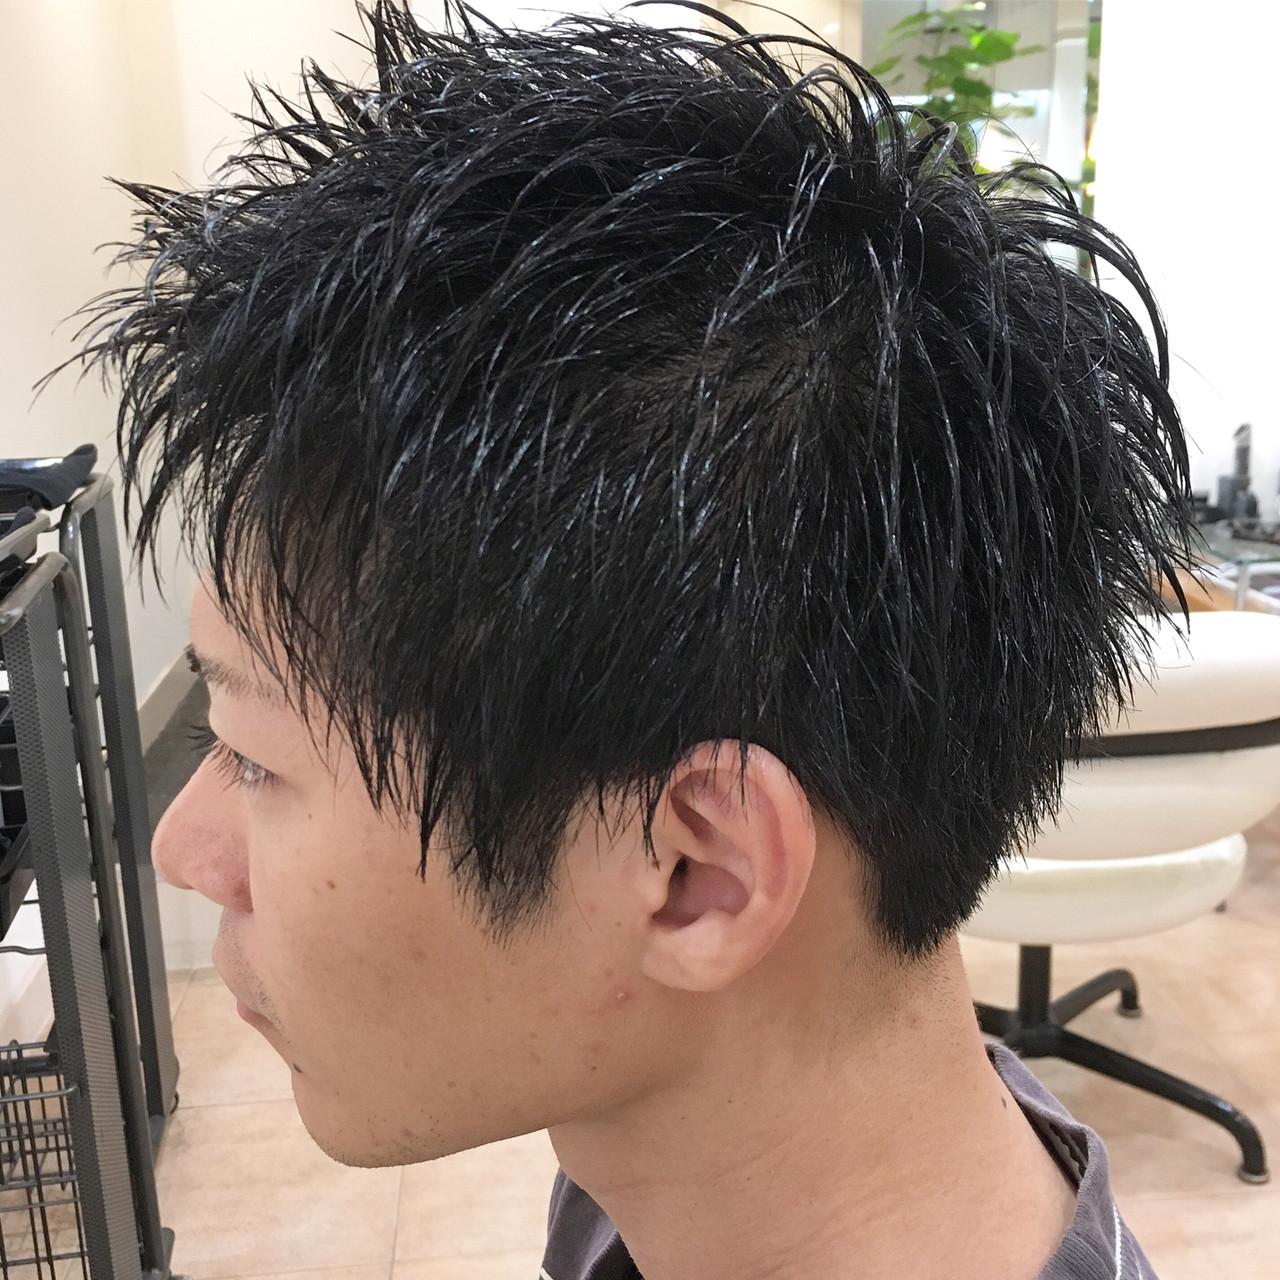 メンズカット ストリート メンズ ツーブロック ヘアスタイルや髪型の写真・画像